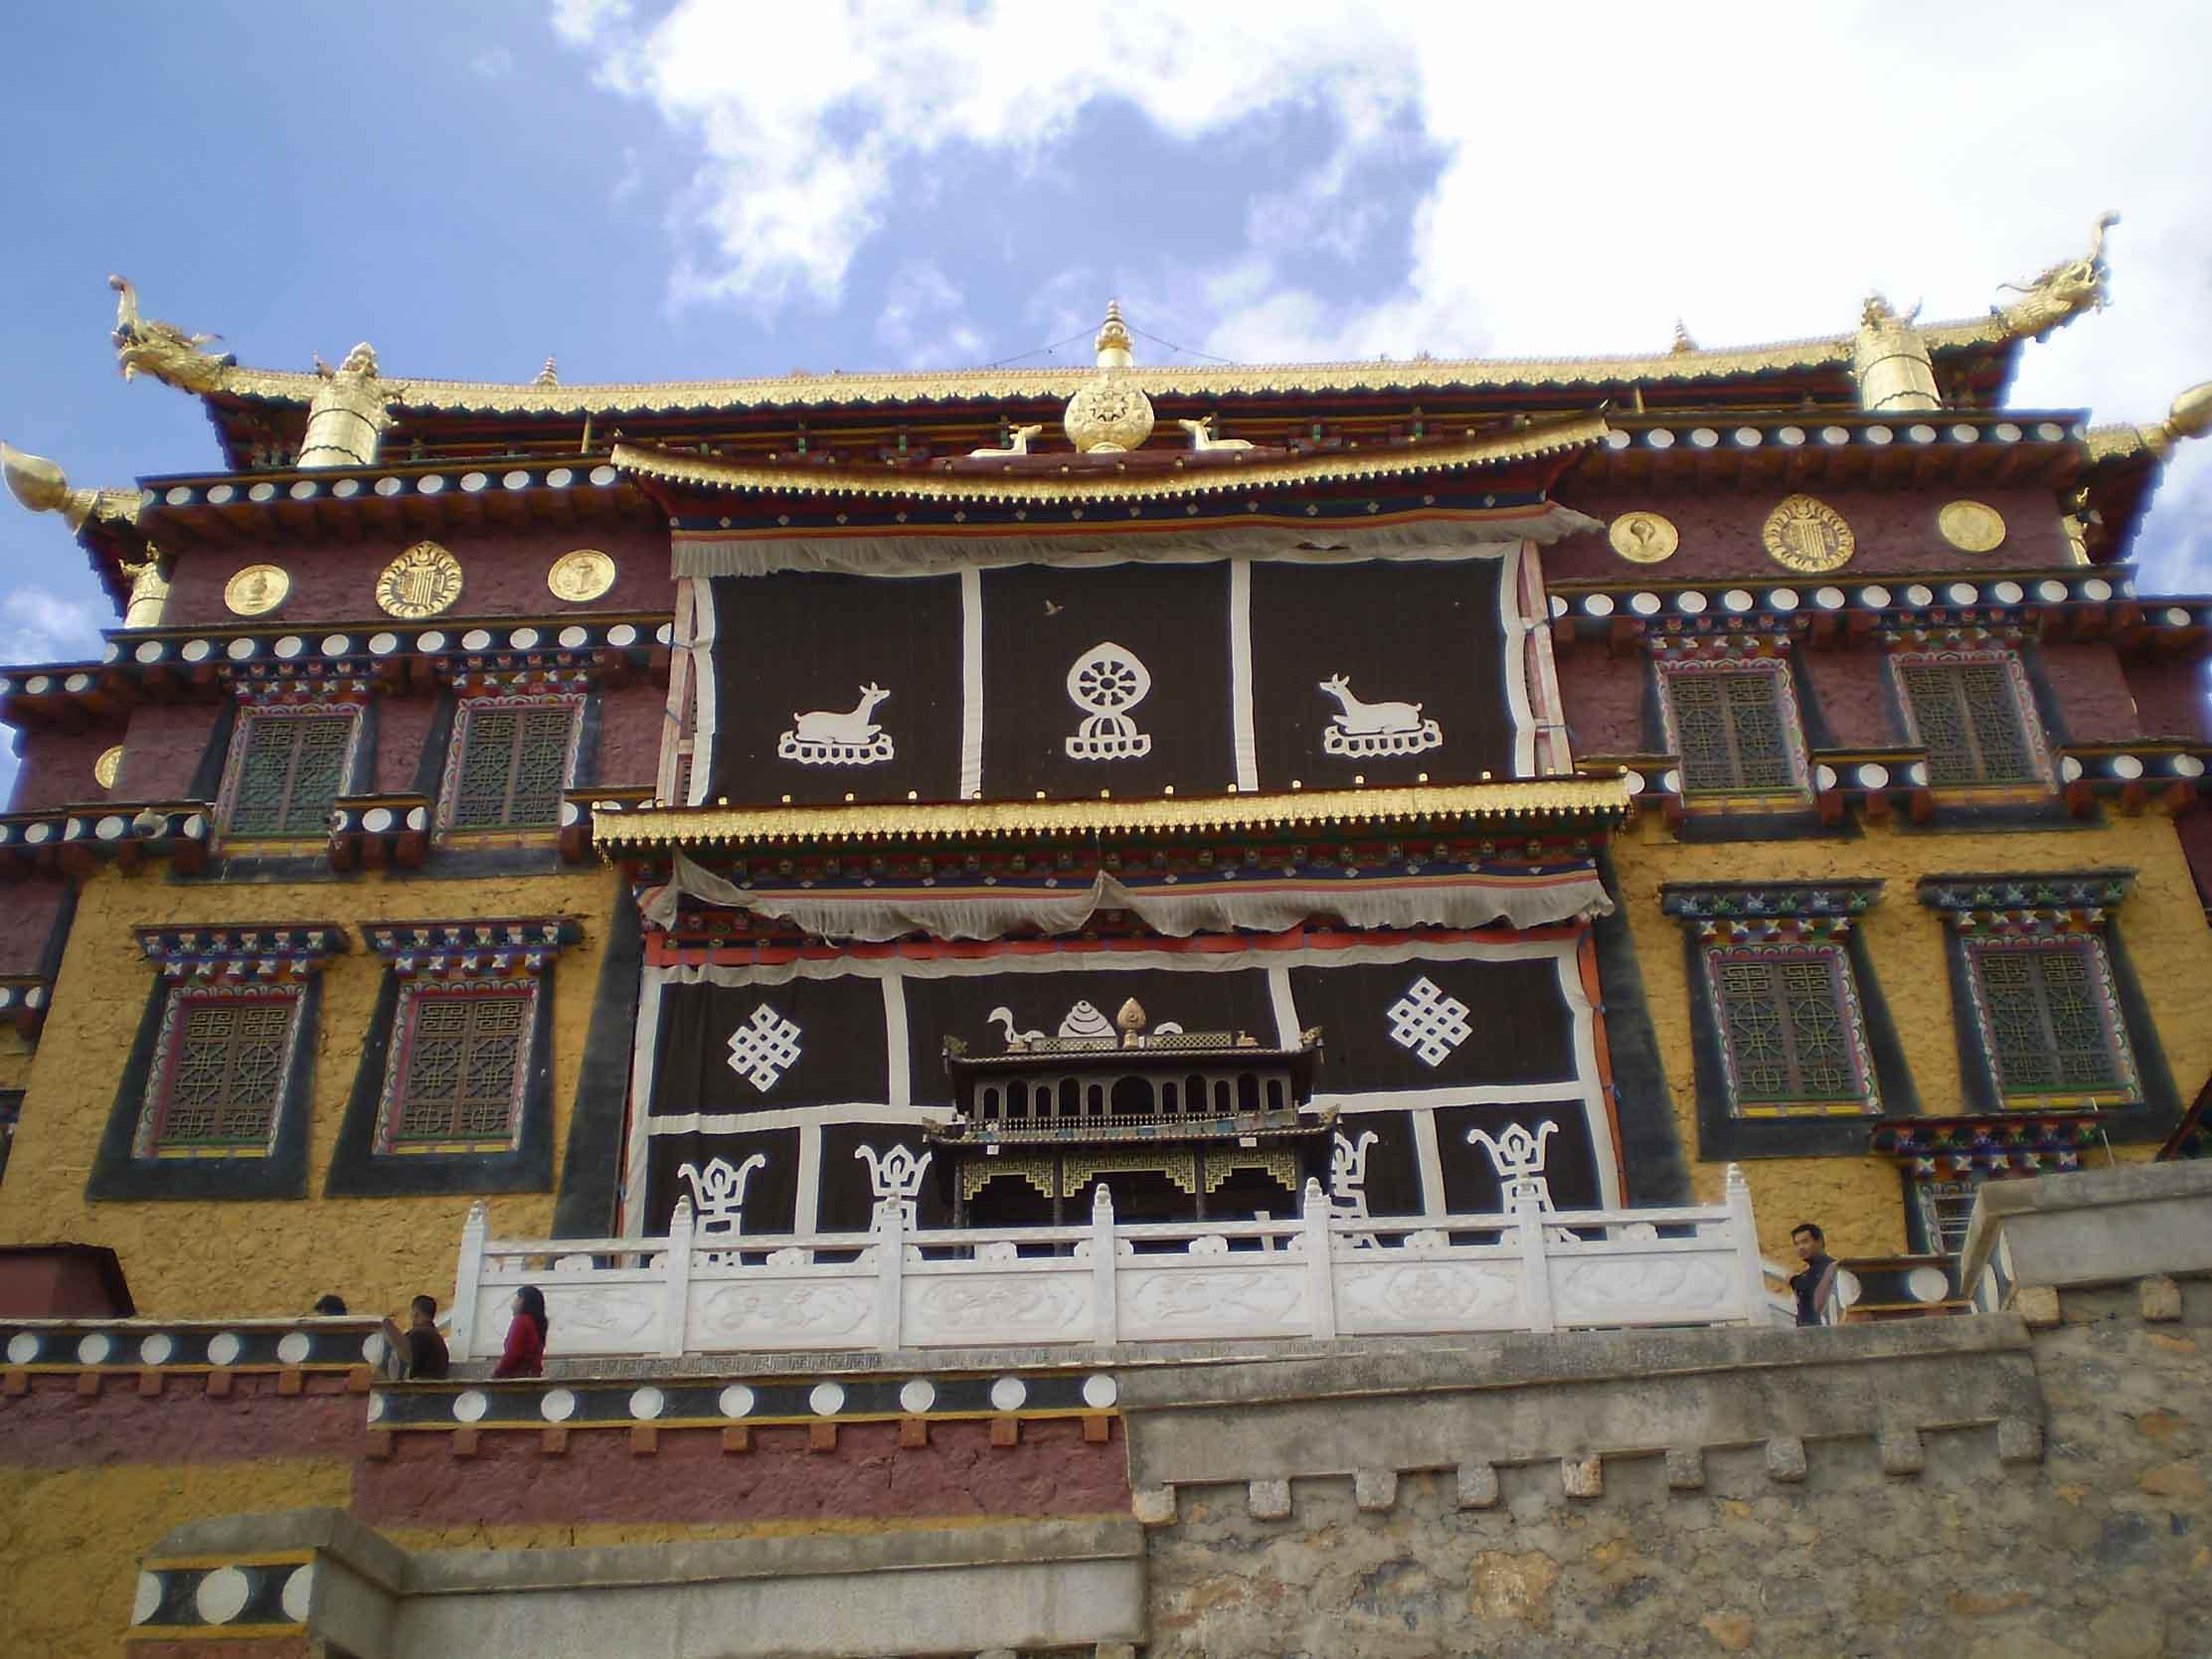 Shangri La - Cha Ma Dao: The Tea Horse Road